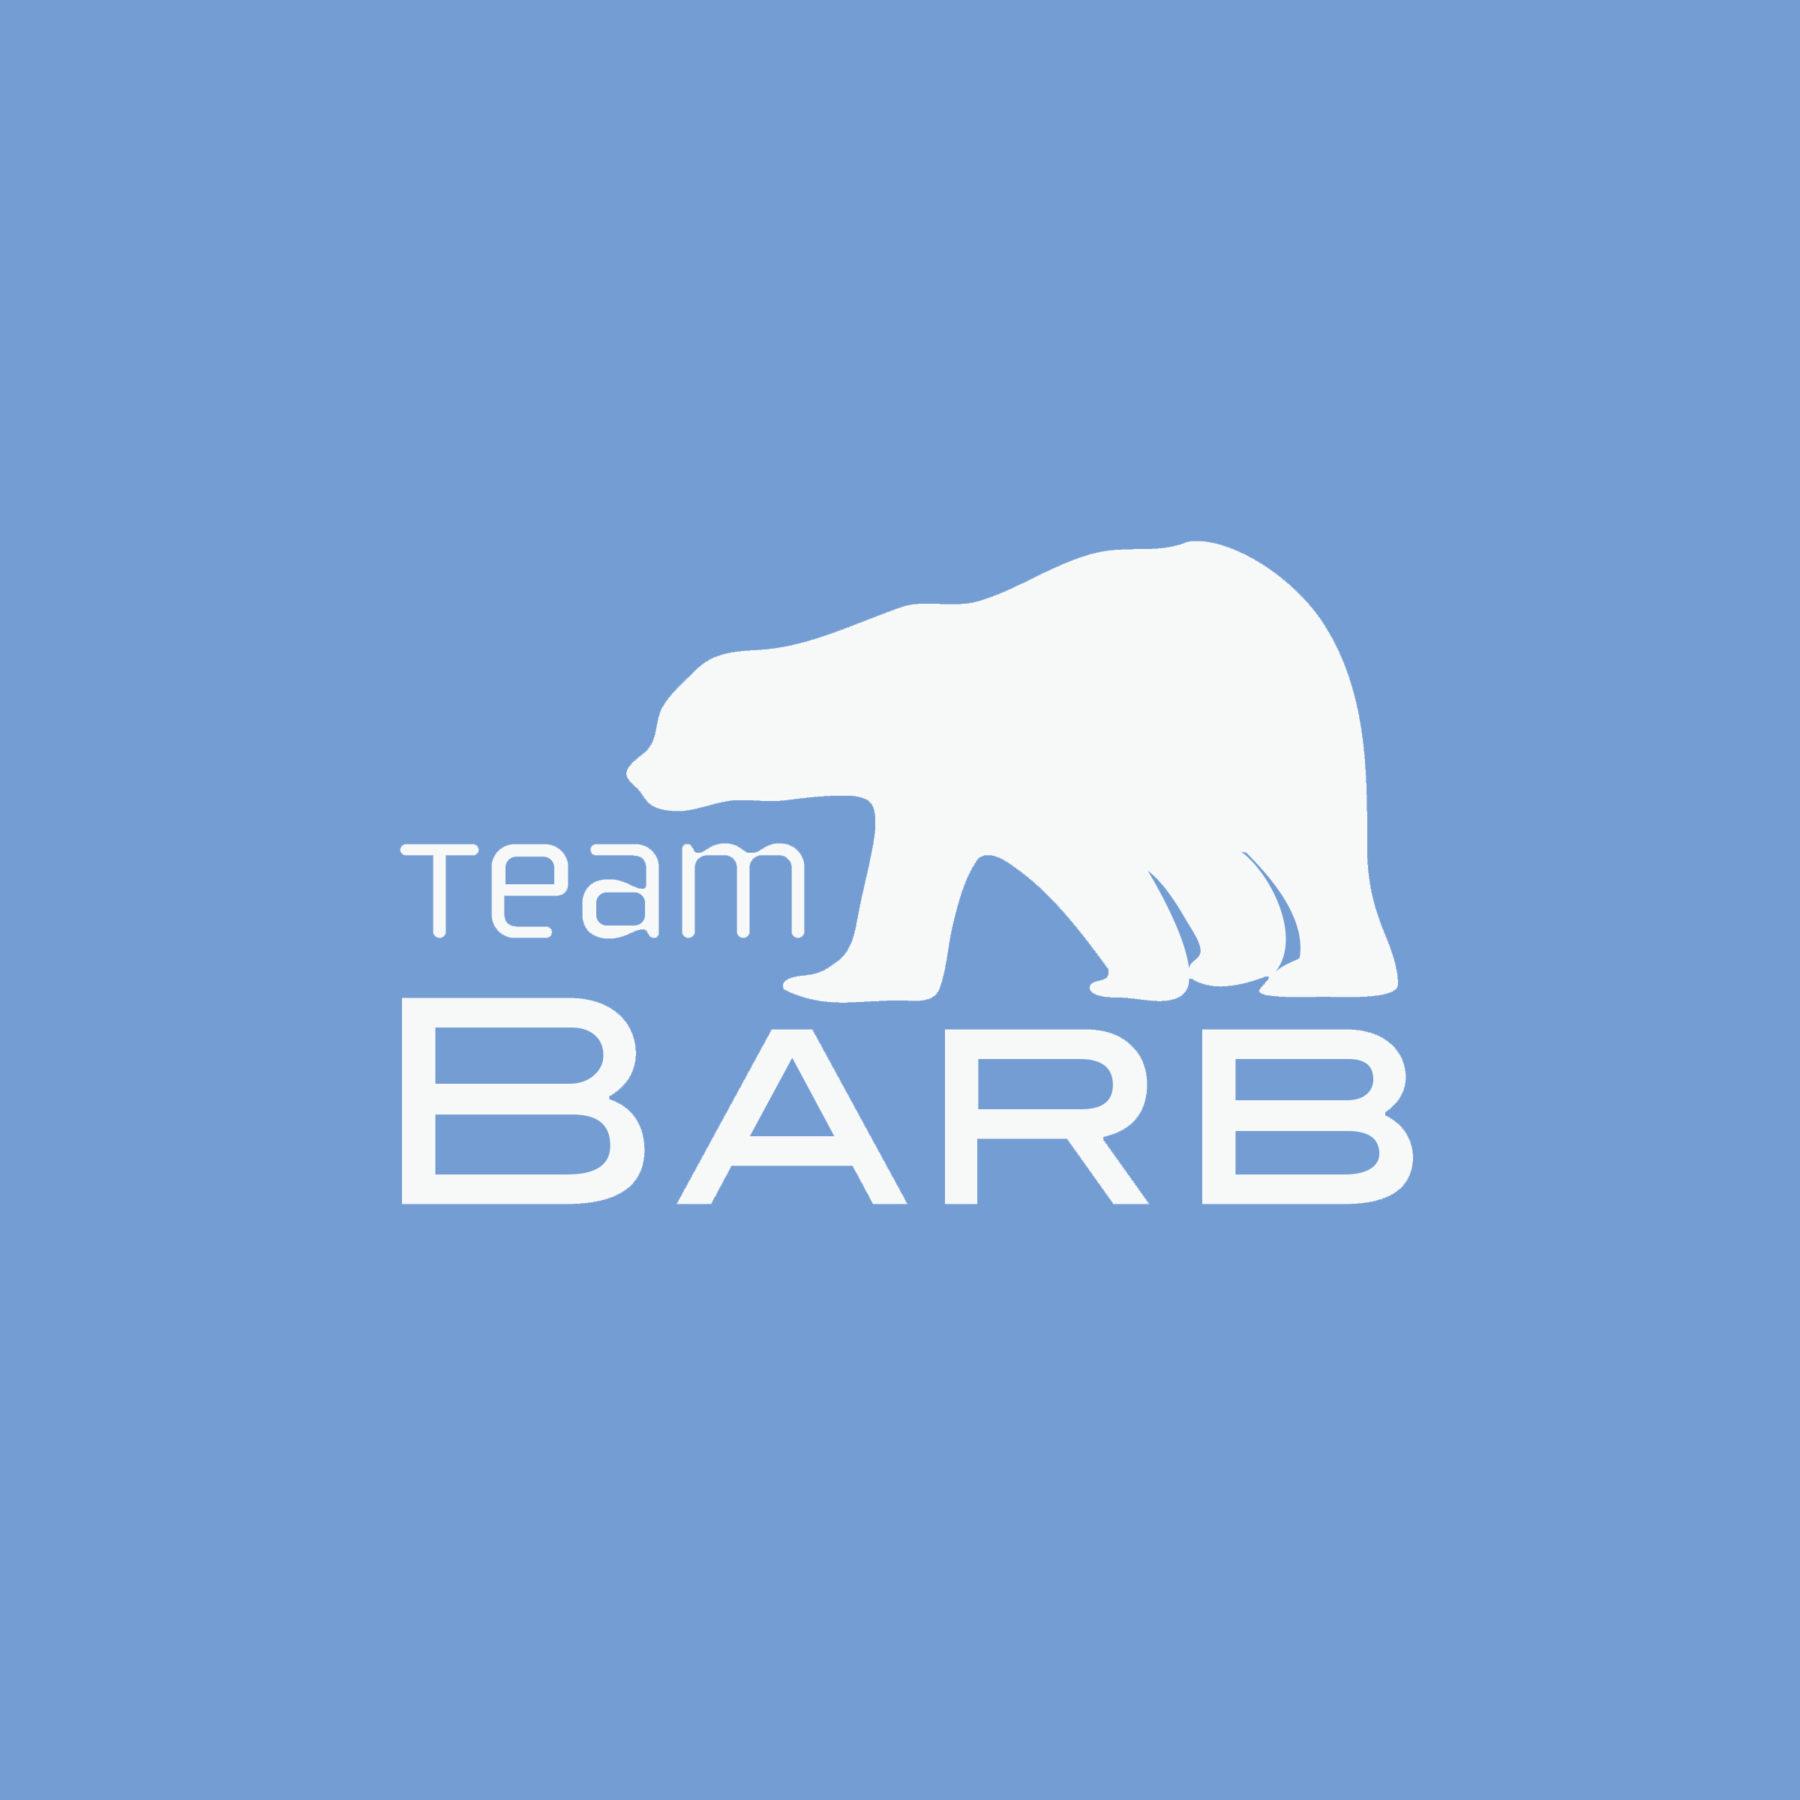 Team Barb Logo